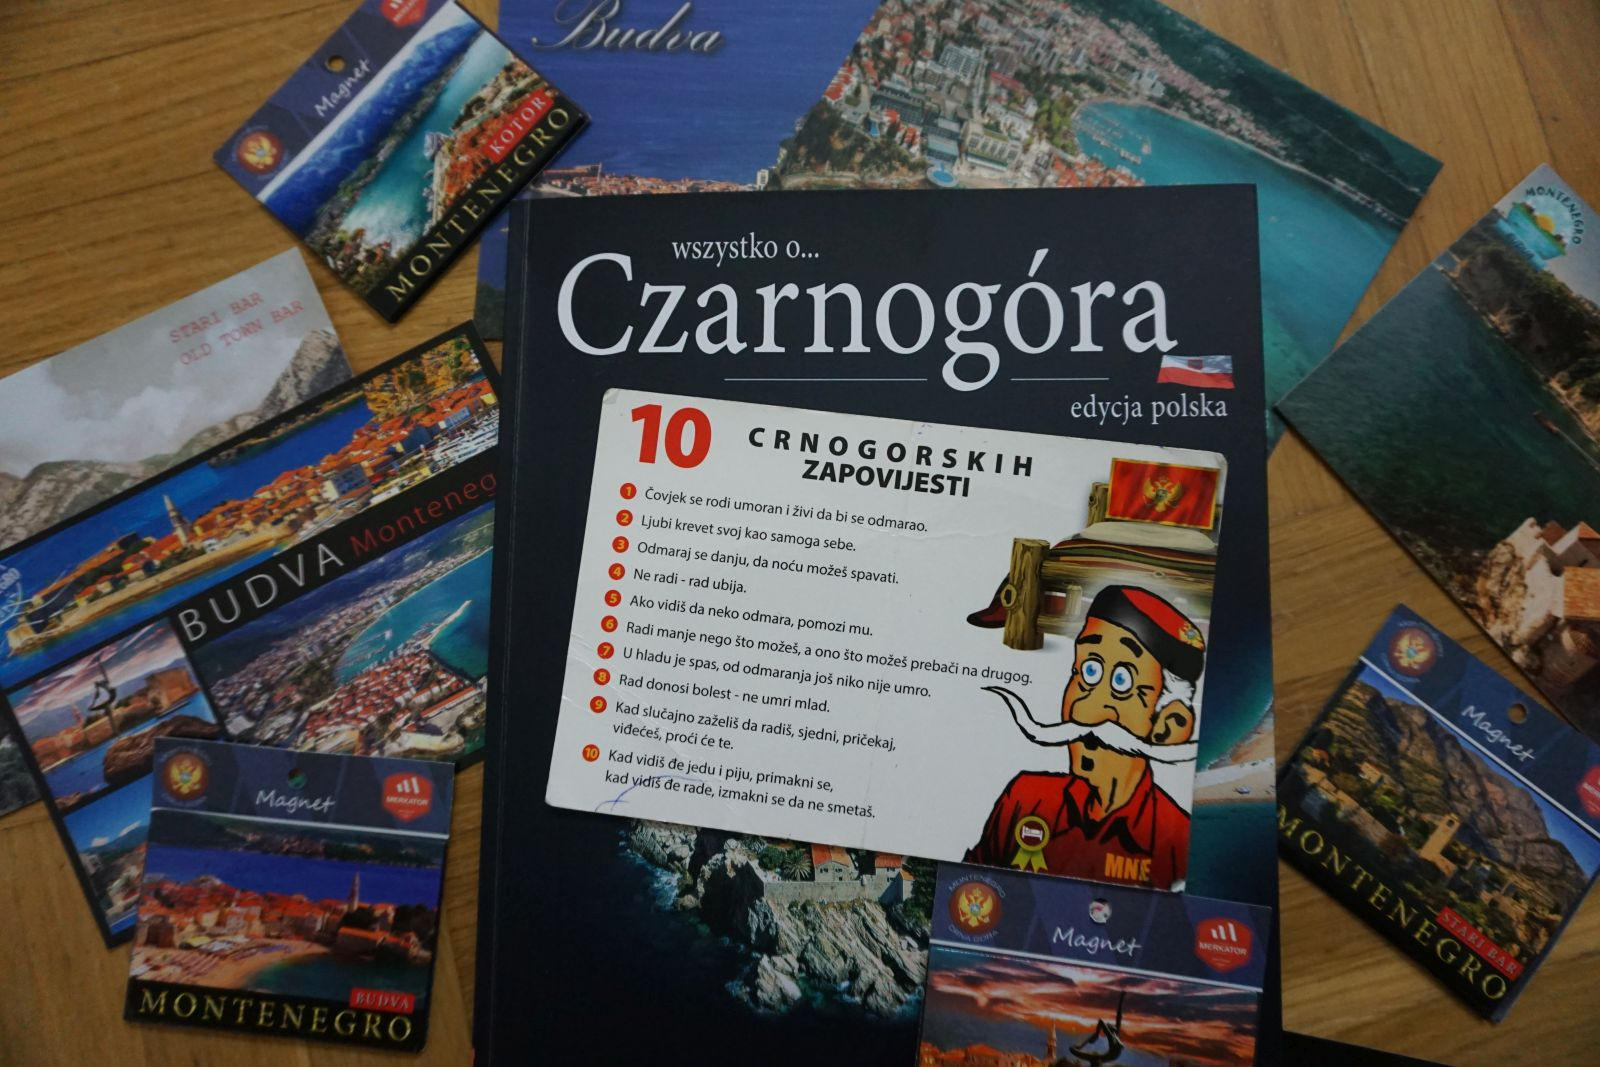 Najpopularniejsze pamiątki z Czarnogóry, to wszelkie gadżety z 10 przykazaniami.